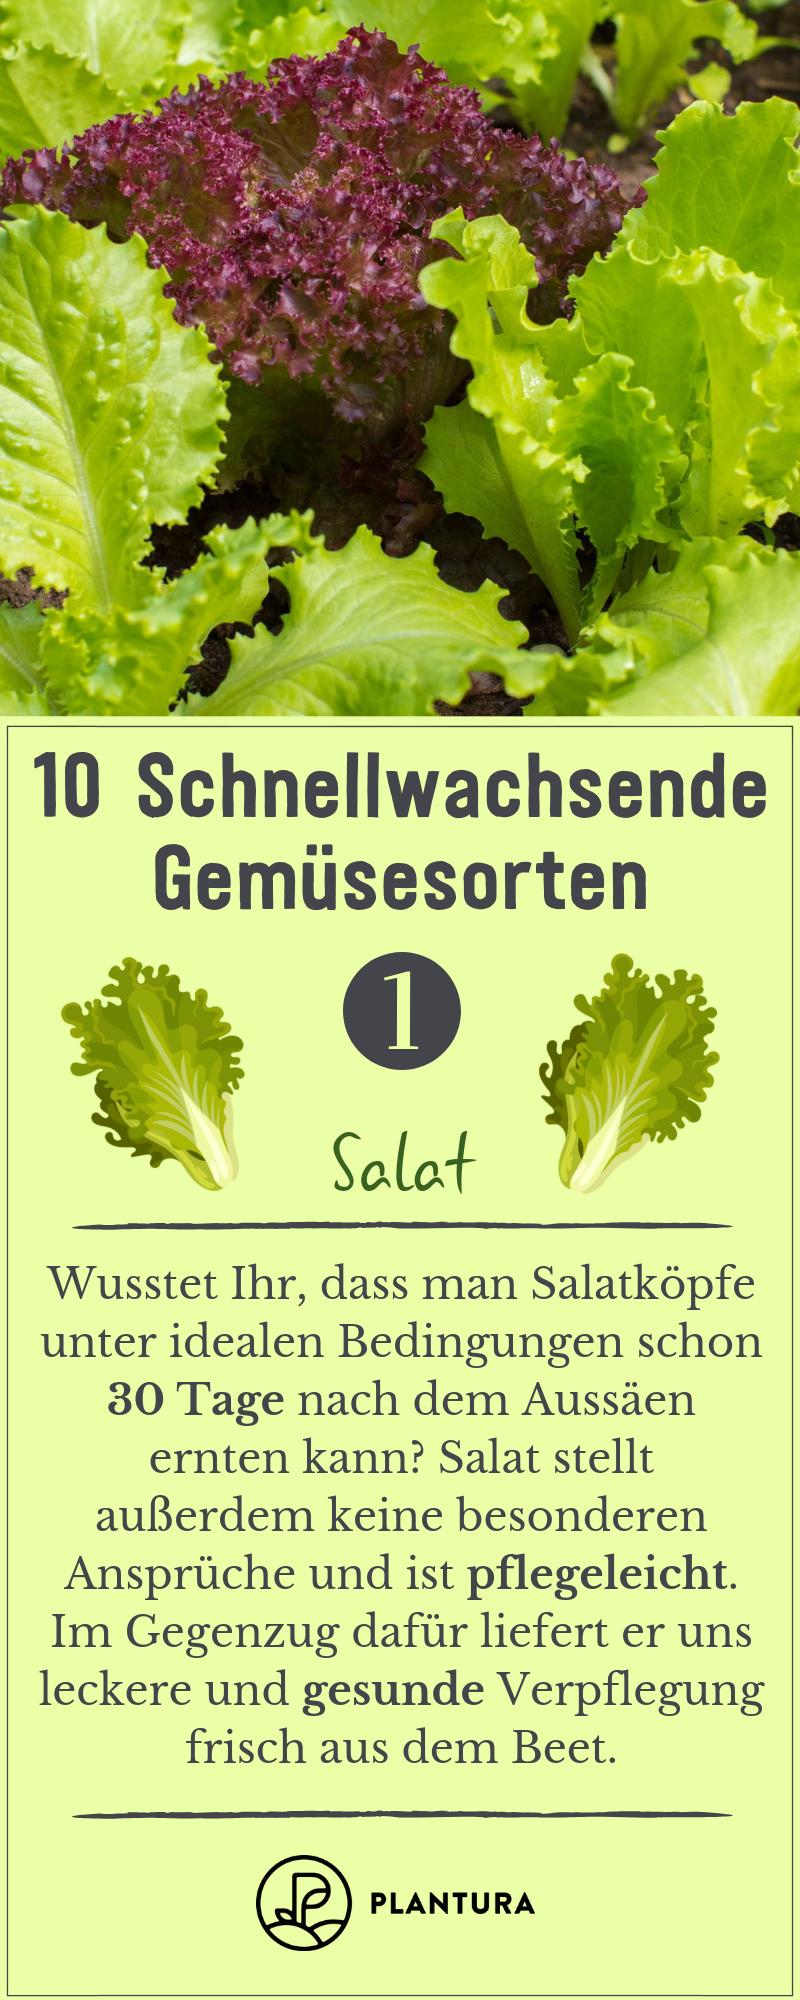 10 schnellwachsende Gemüsesorten - Plantura